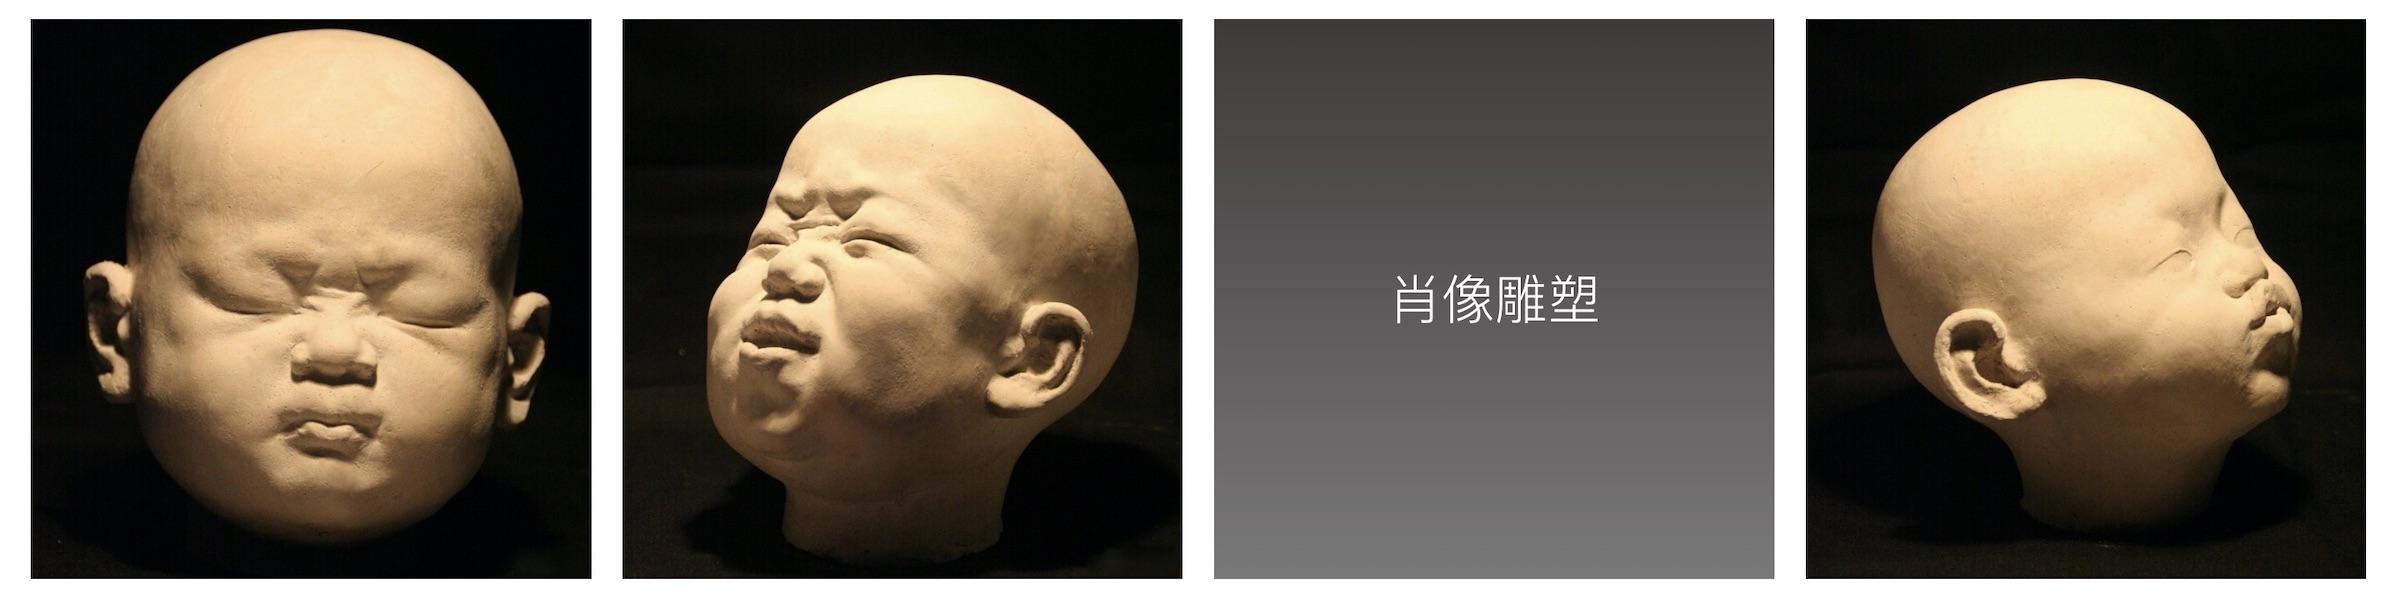 肖像万博体育彩票官网app定制案例